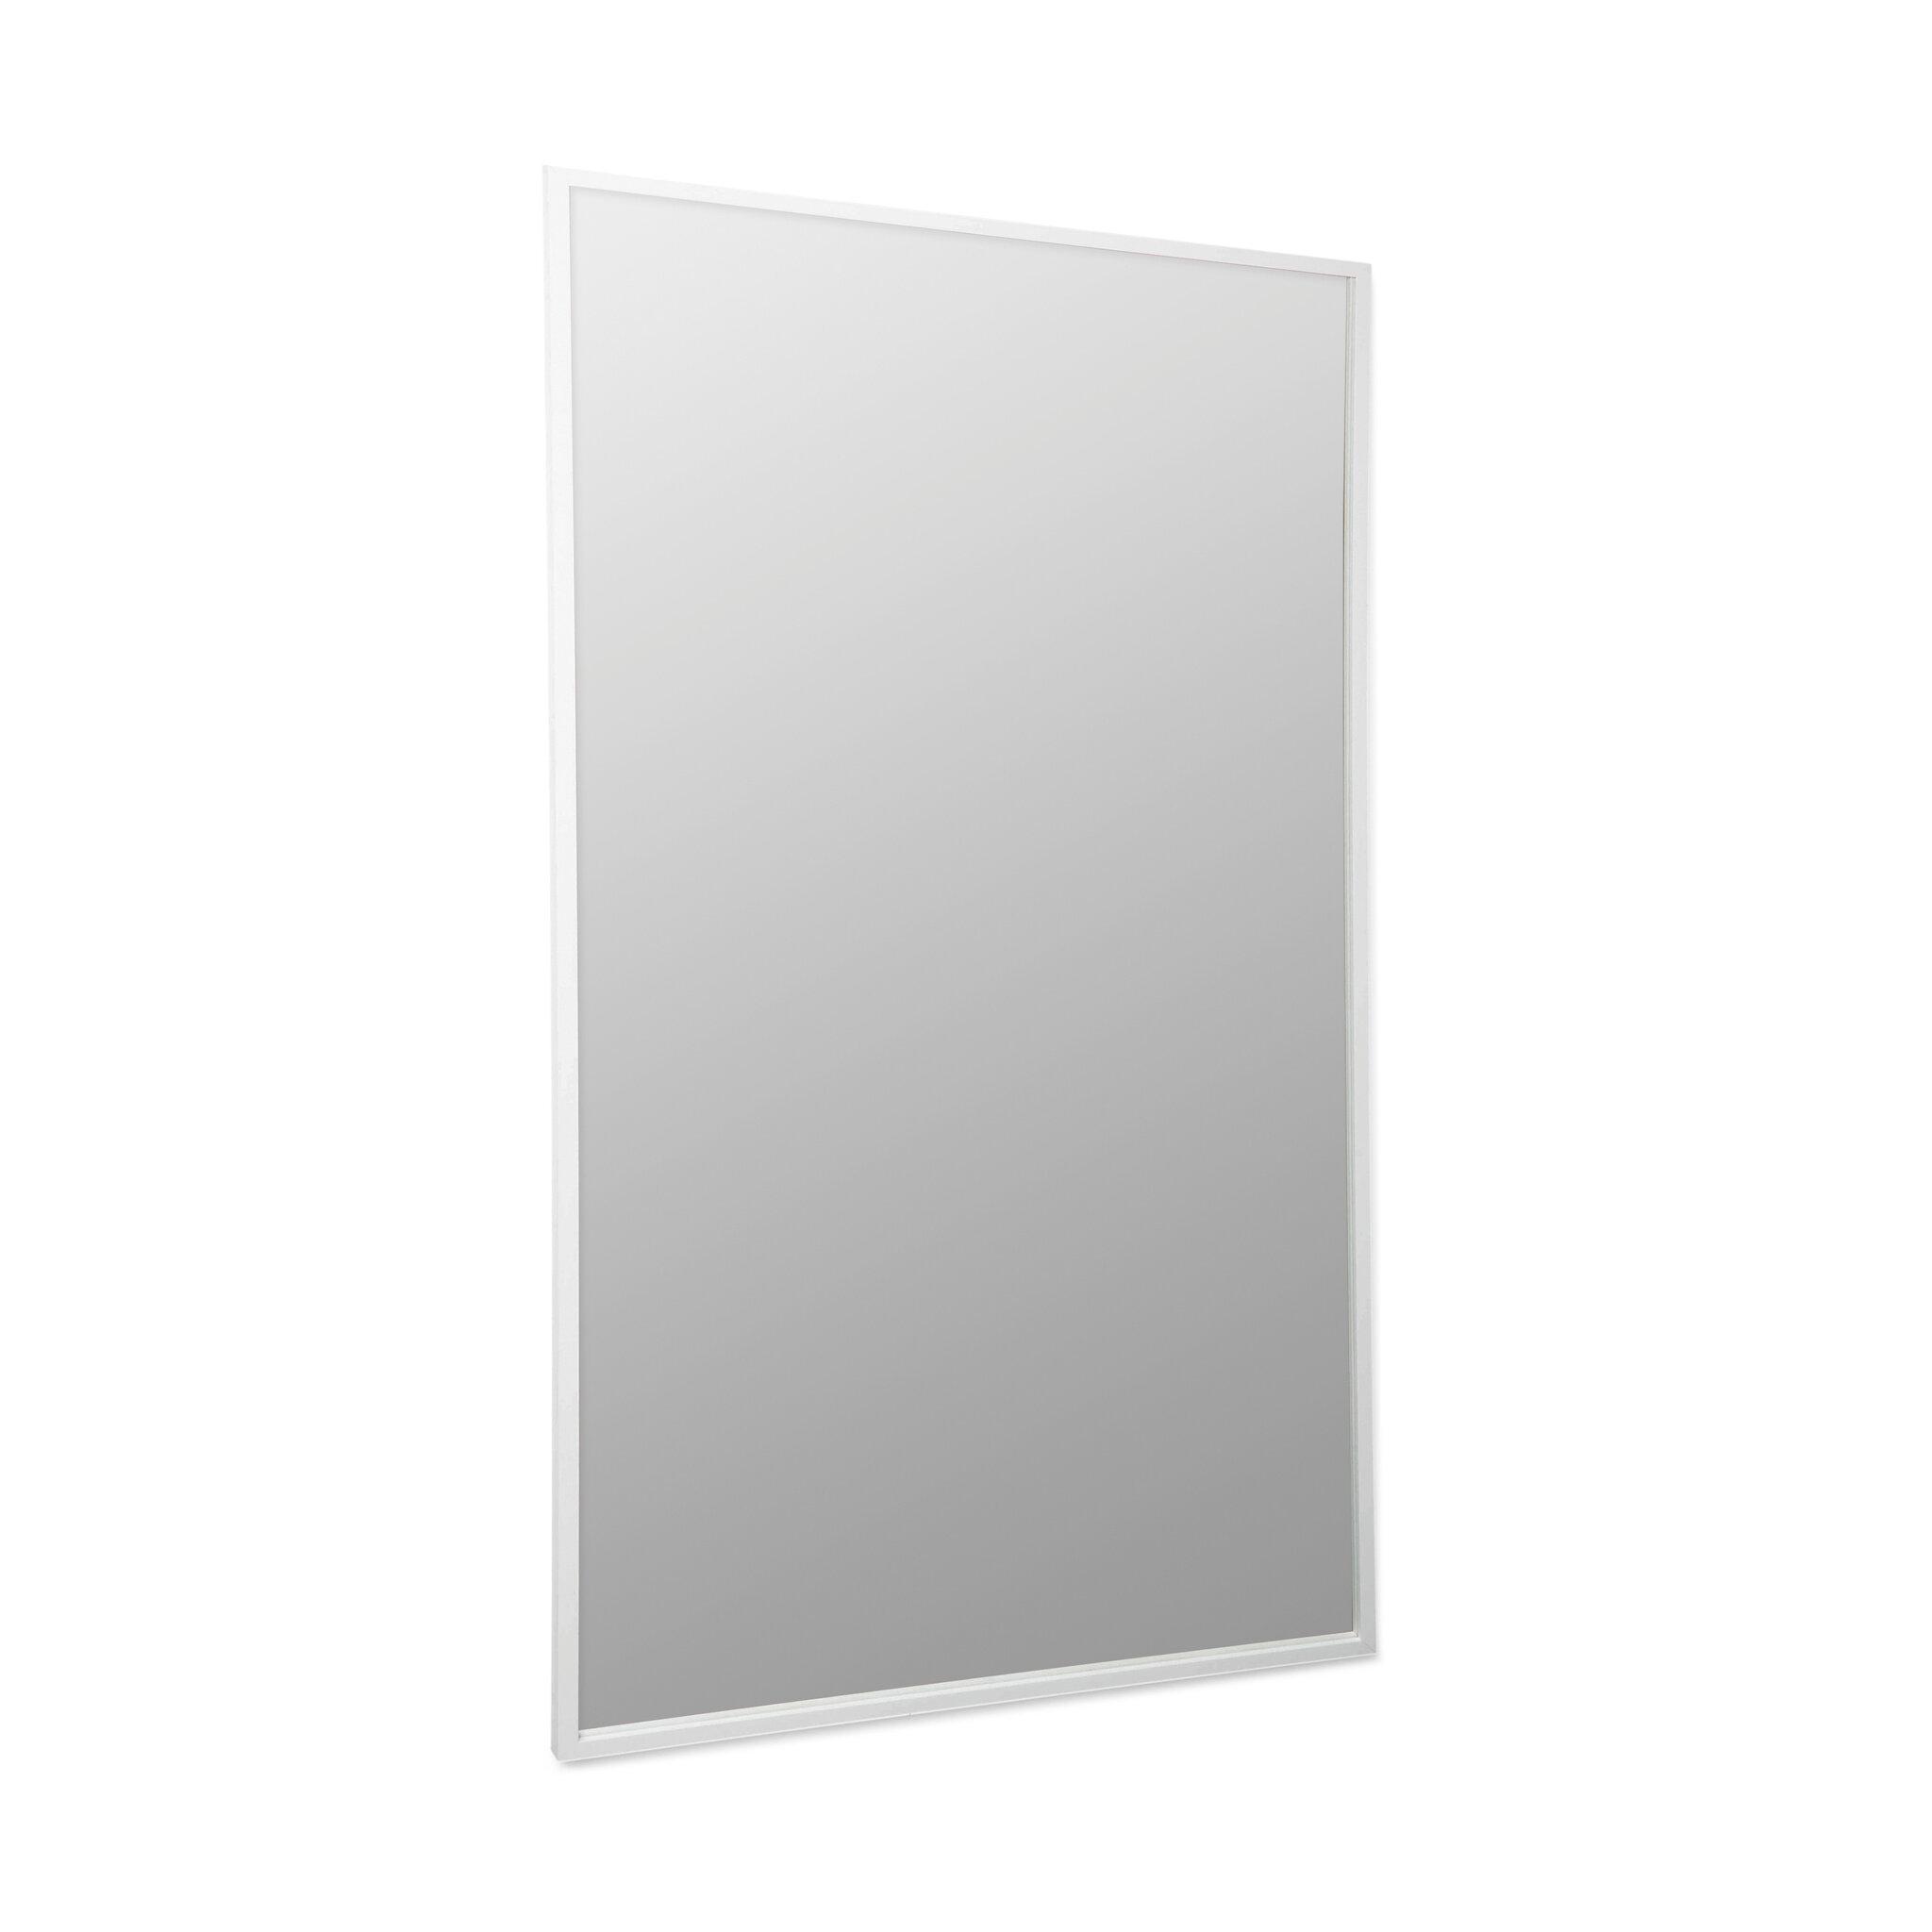 små speglar utan ram